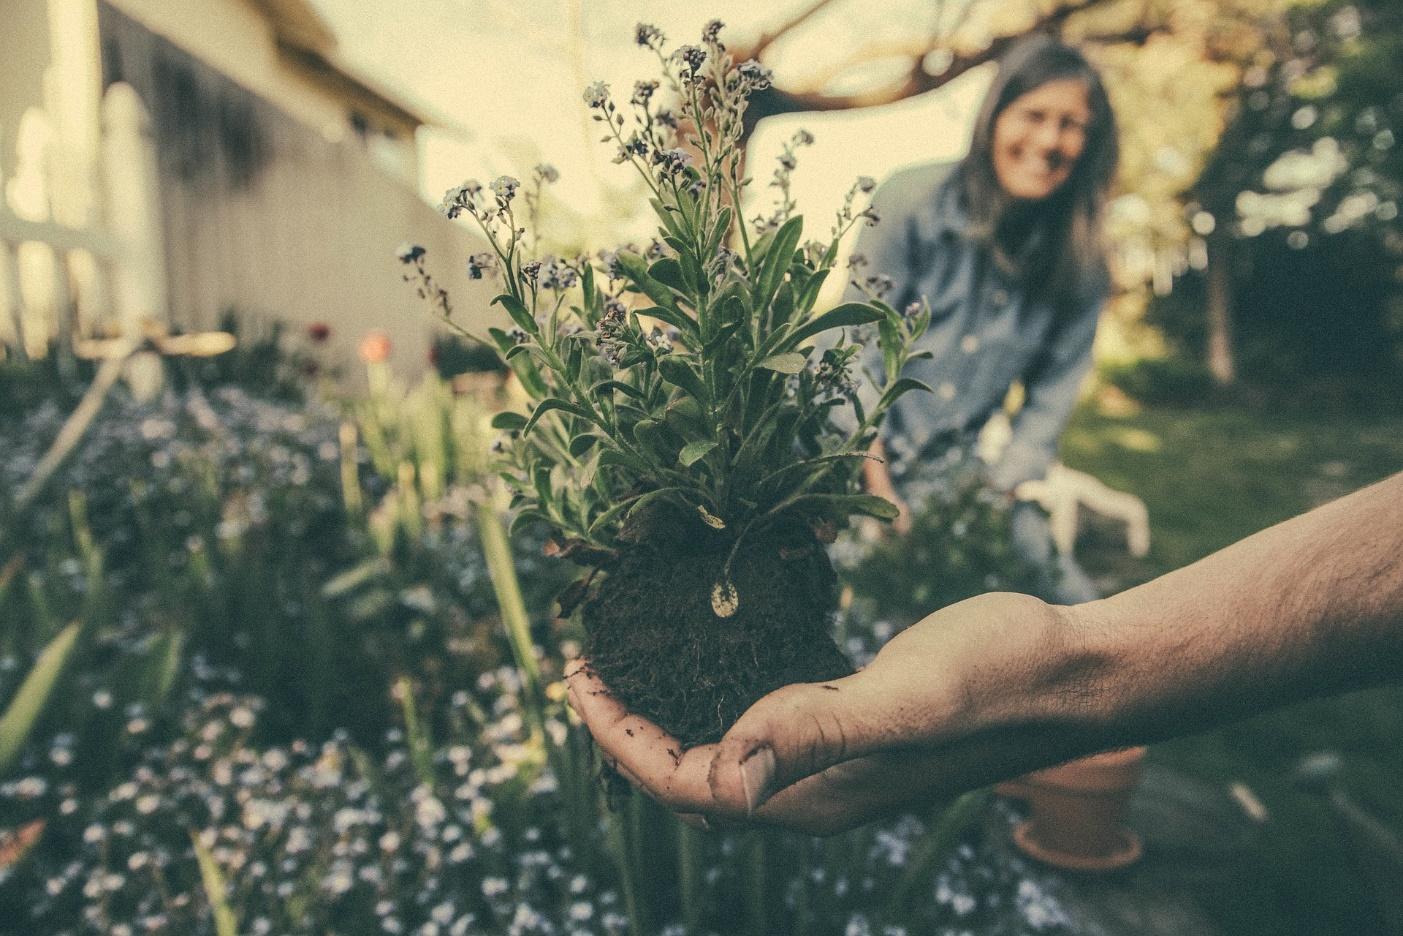 Pflanzenknolle auf Hand und im Hintergrund ein Garten